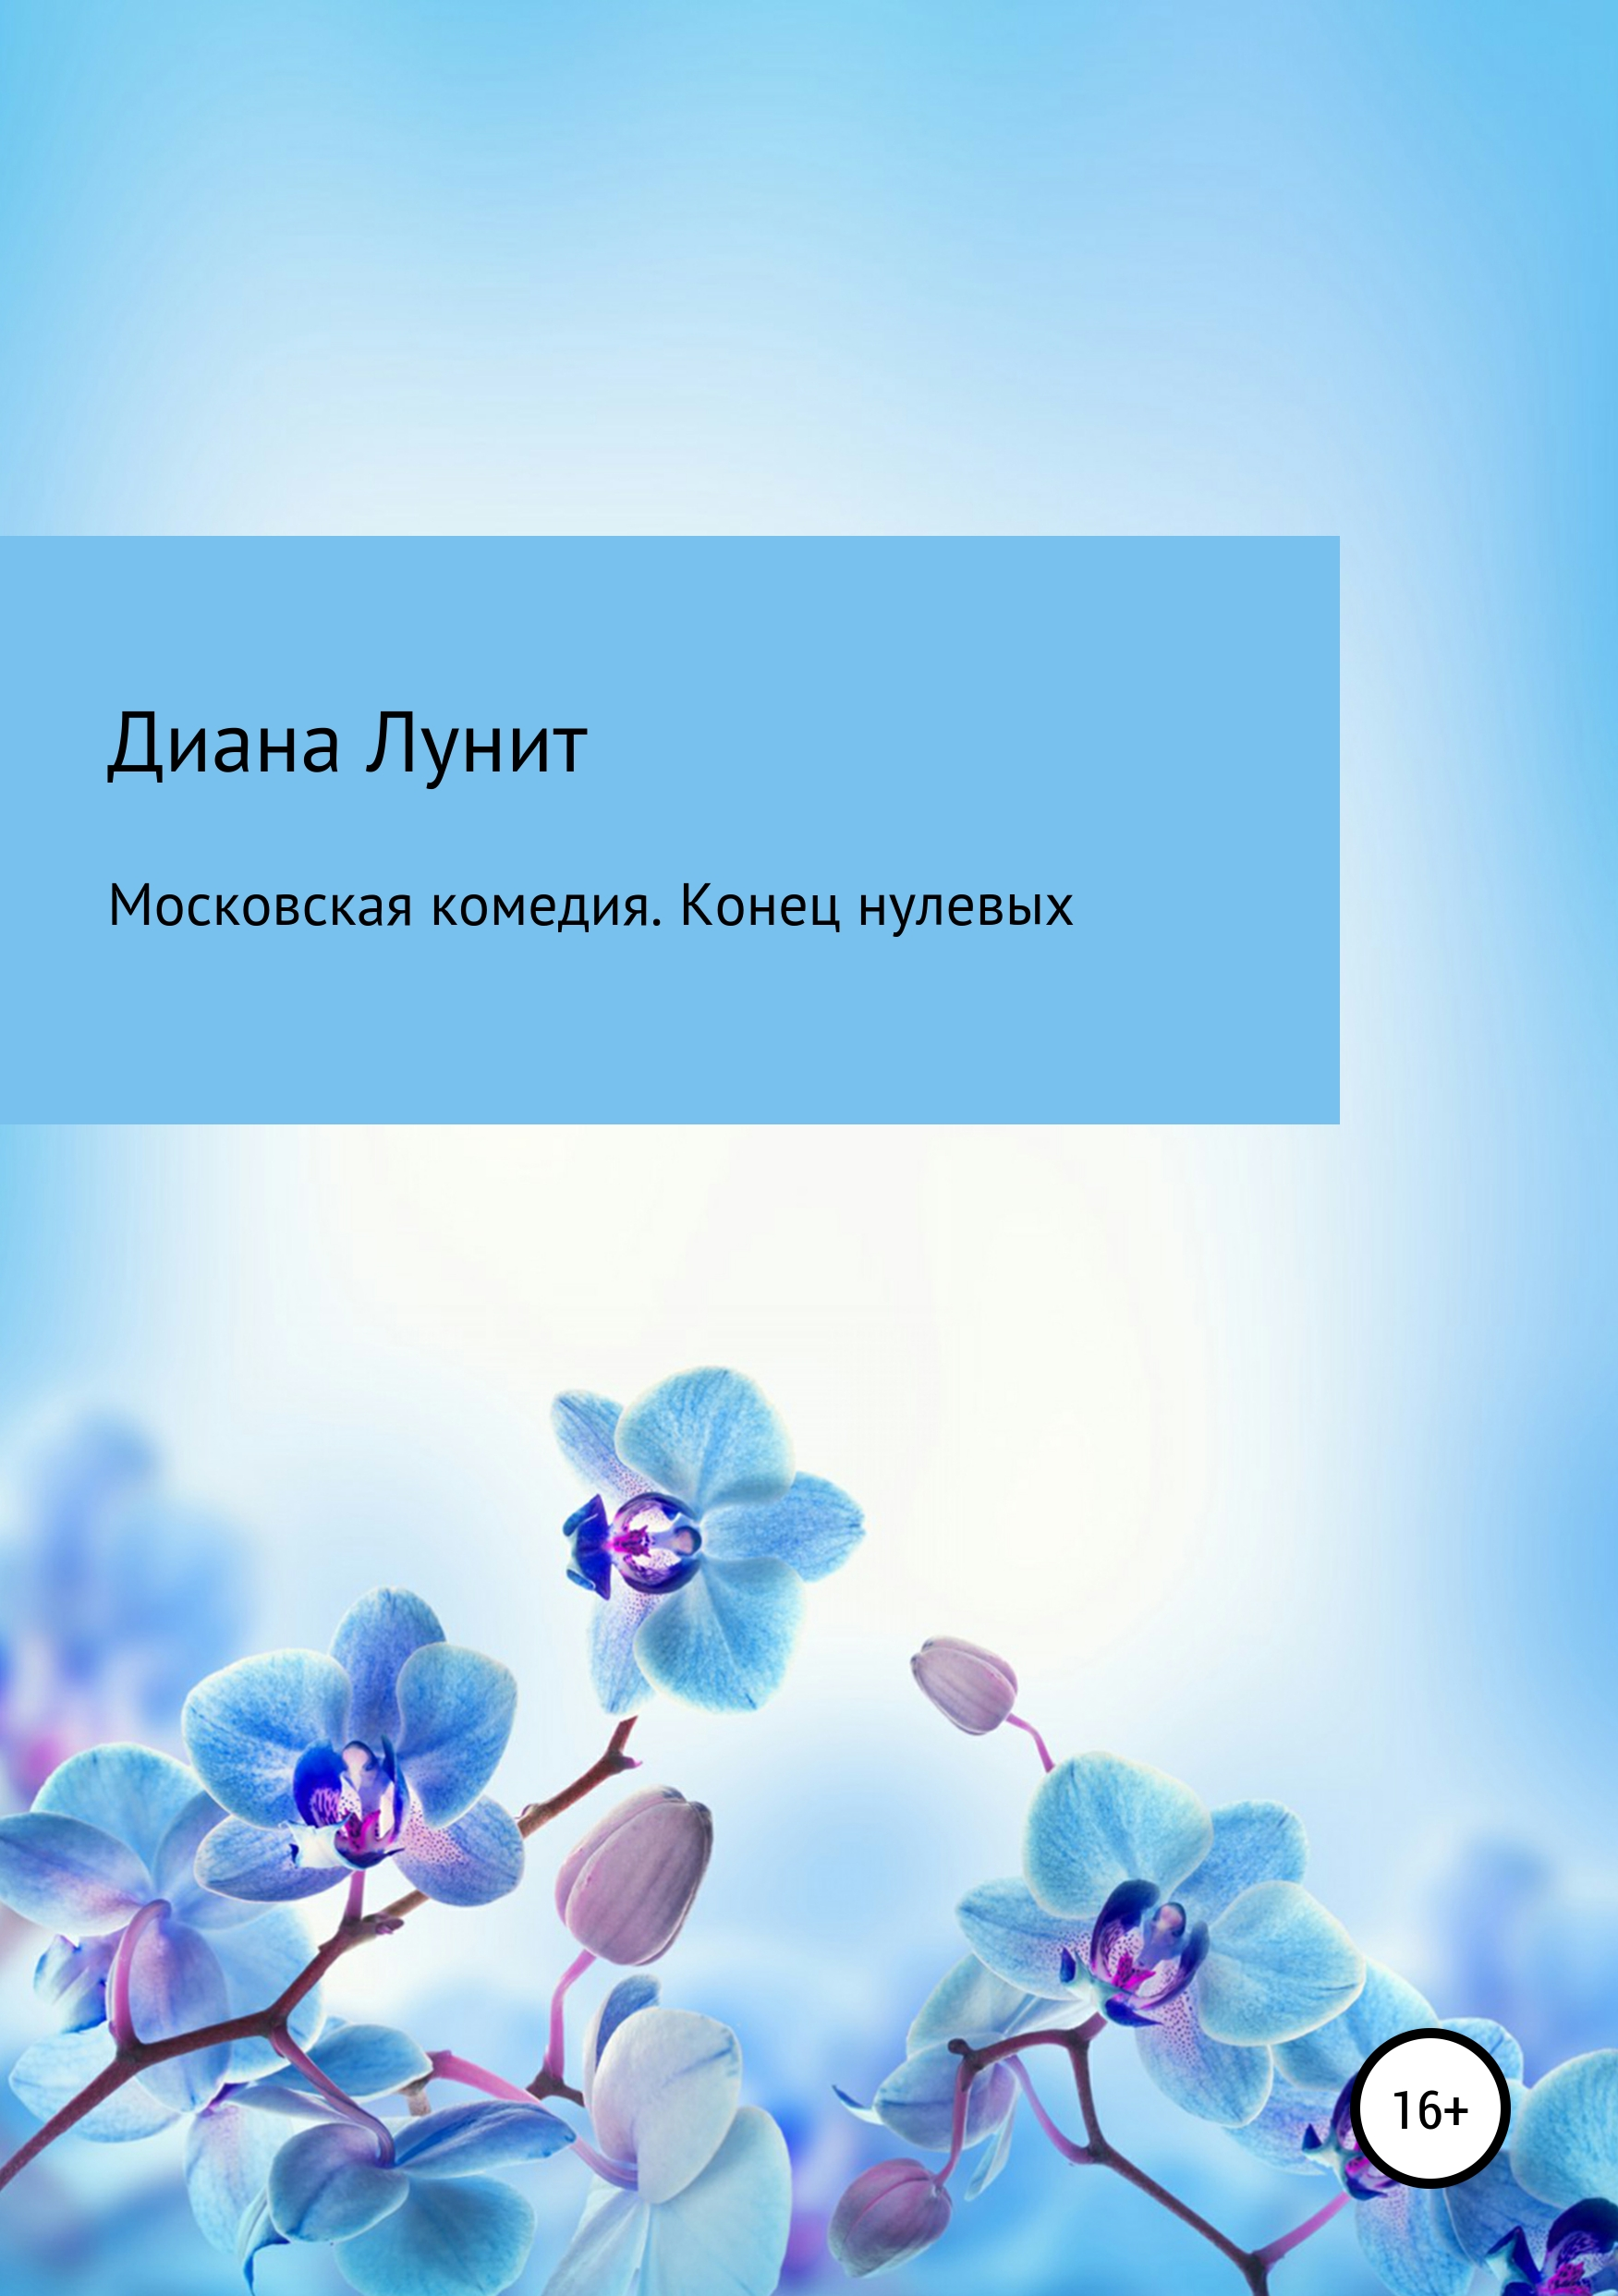 Диана Лунит Московская комедия. Конец нулевых цена 2017